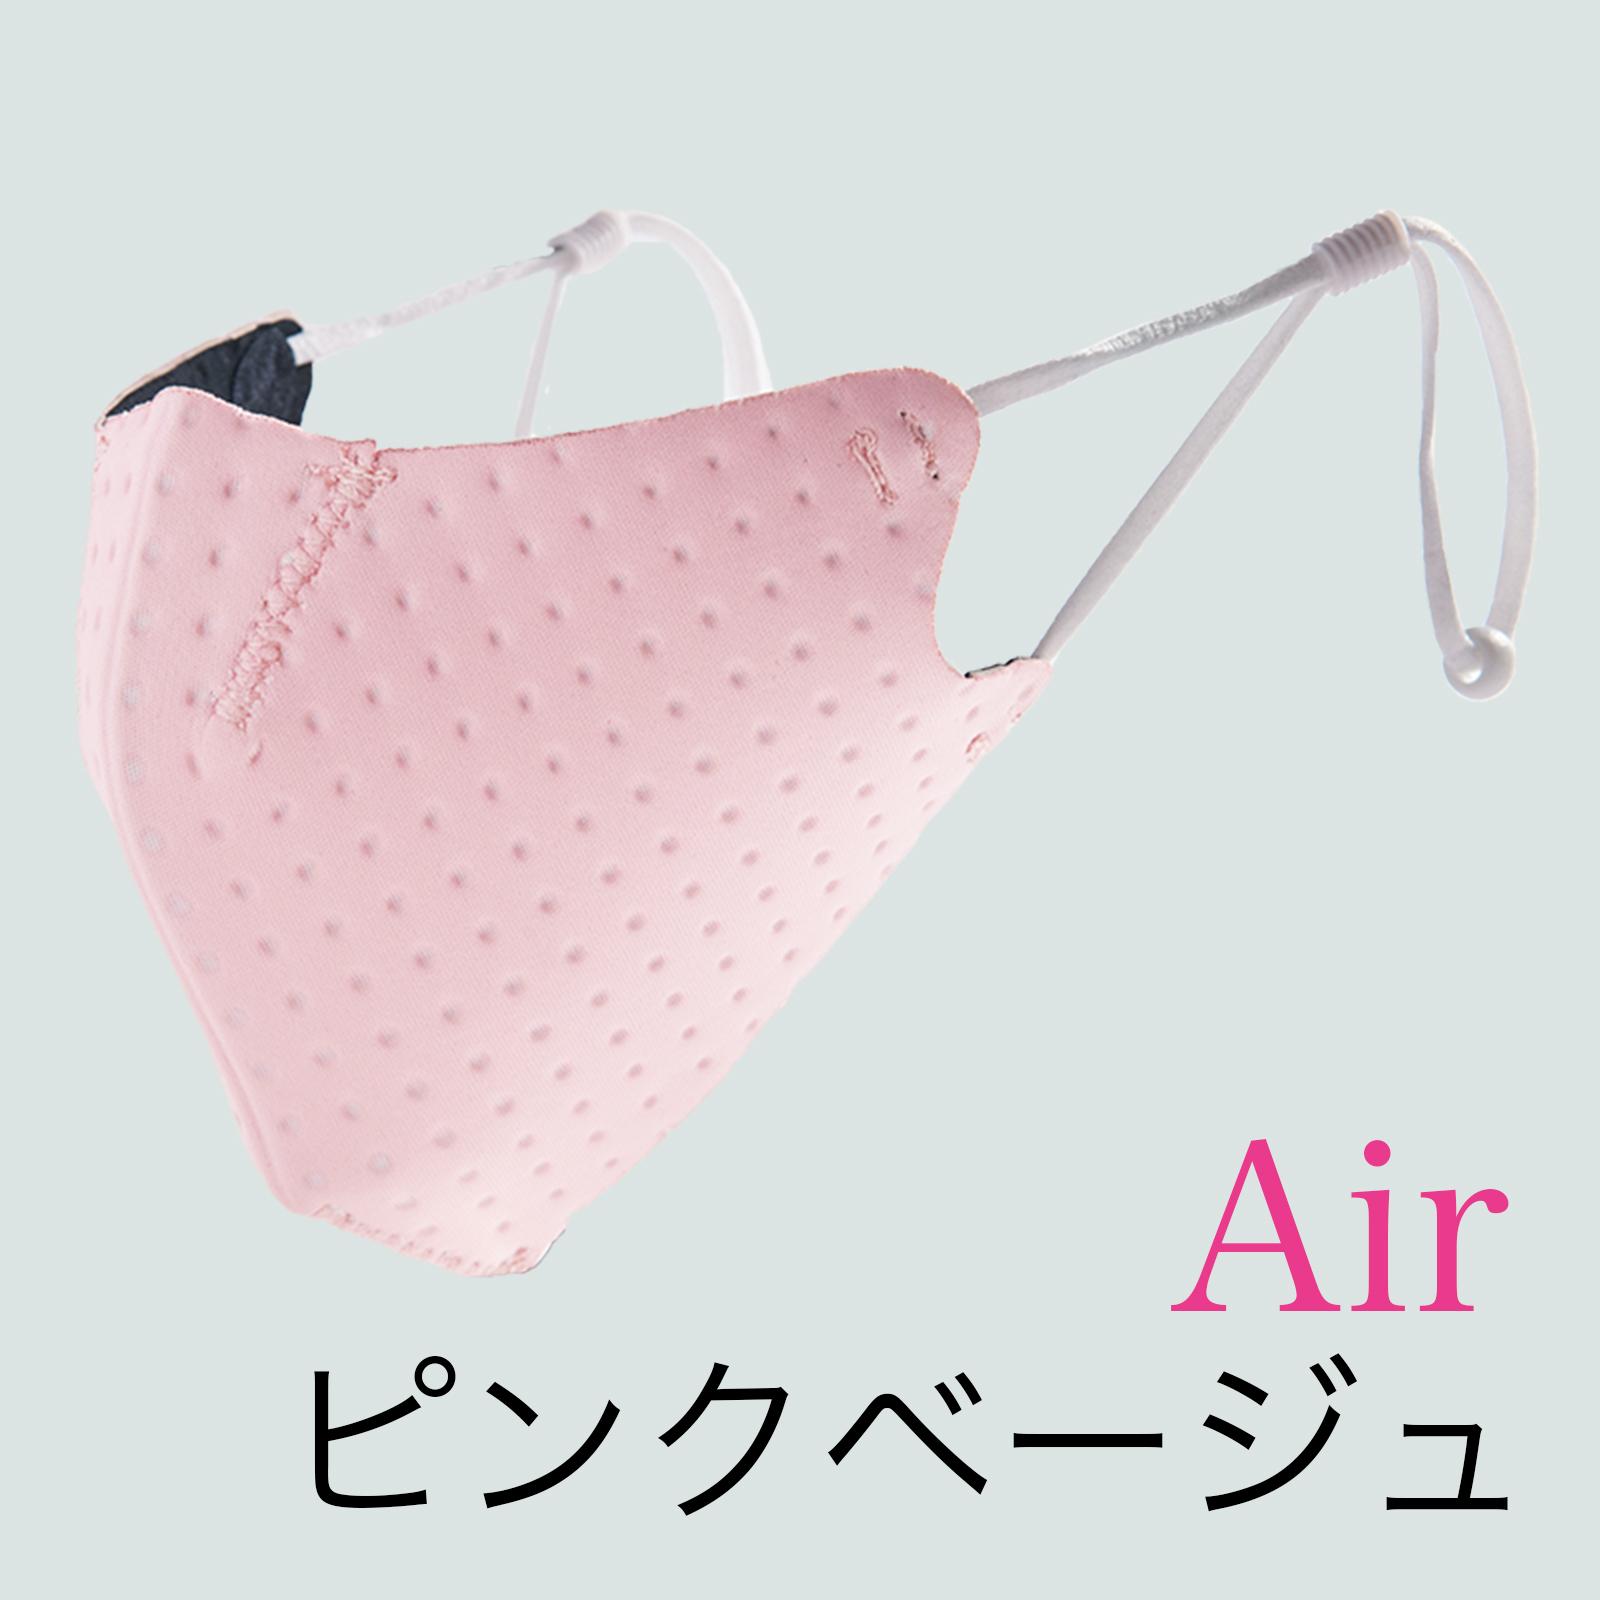 【単色購入】呼吸 Co-que Air ピンク ベージュ